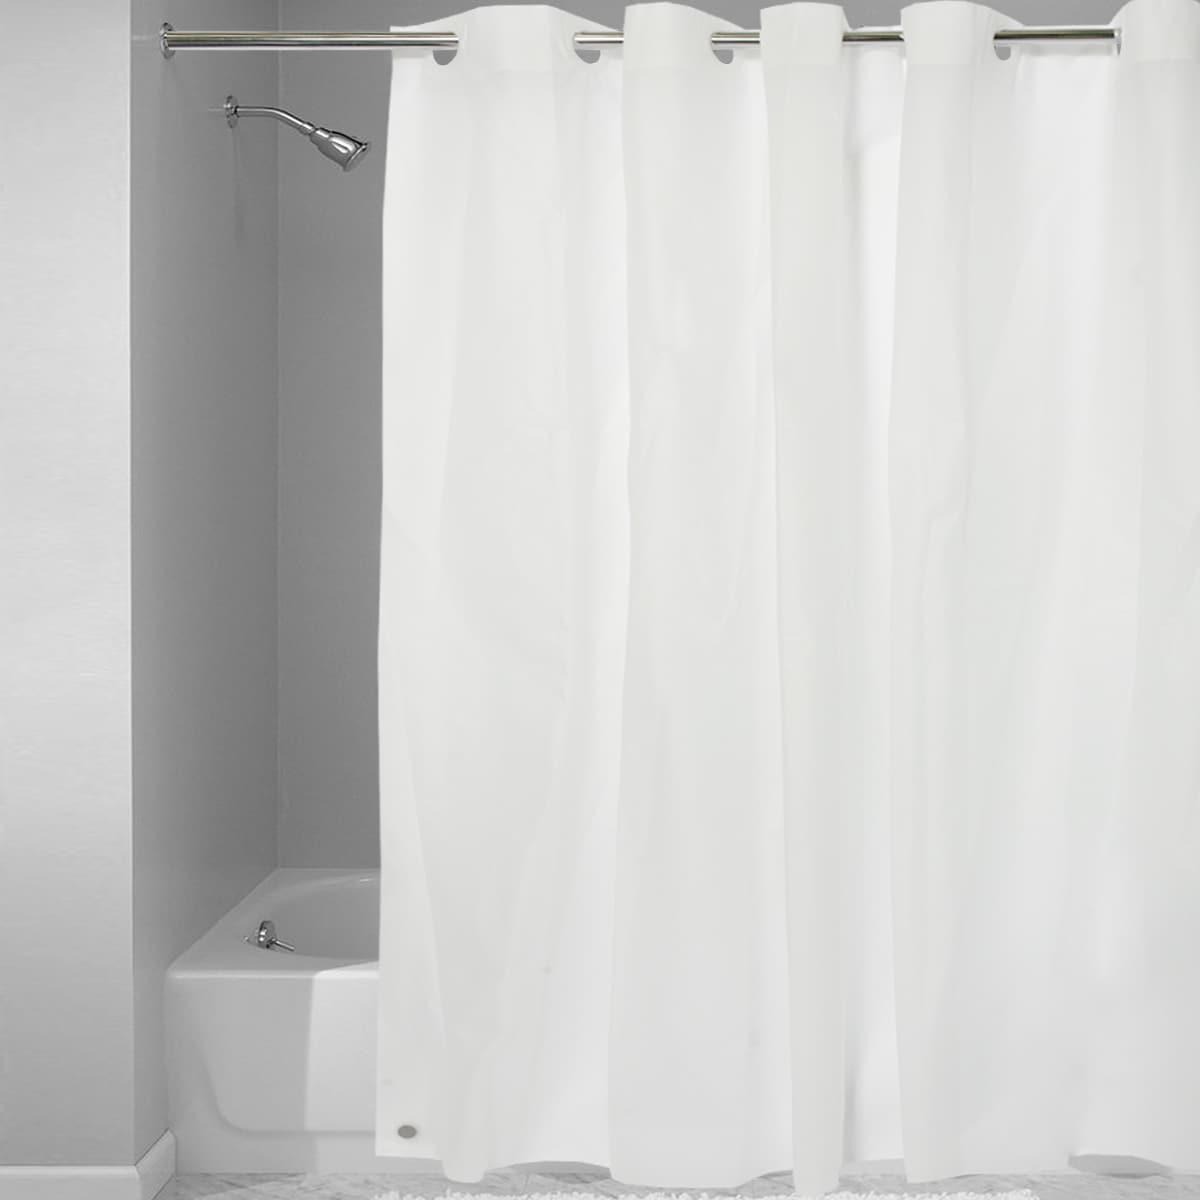 Easy On Shower Curtain Liner With Built In Hooks White Eva